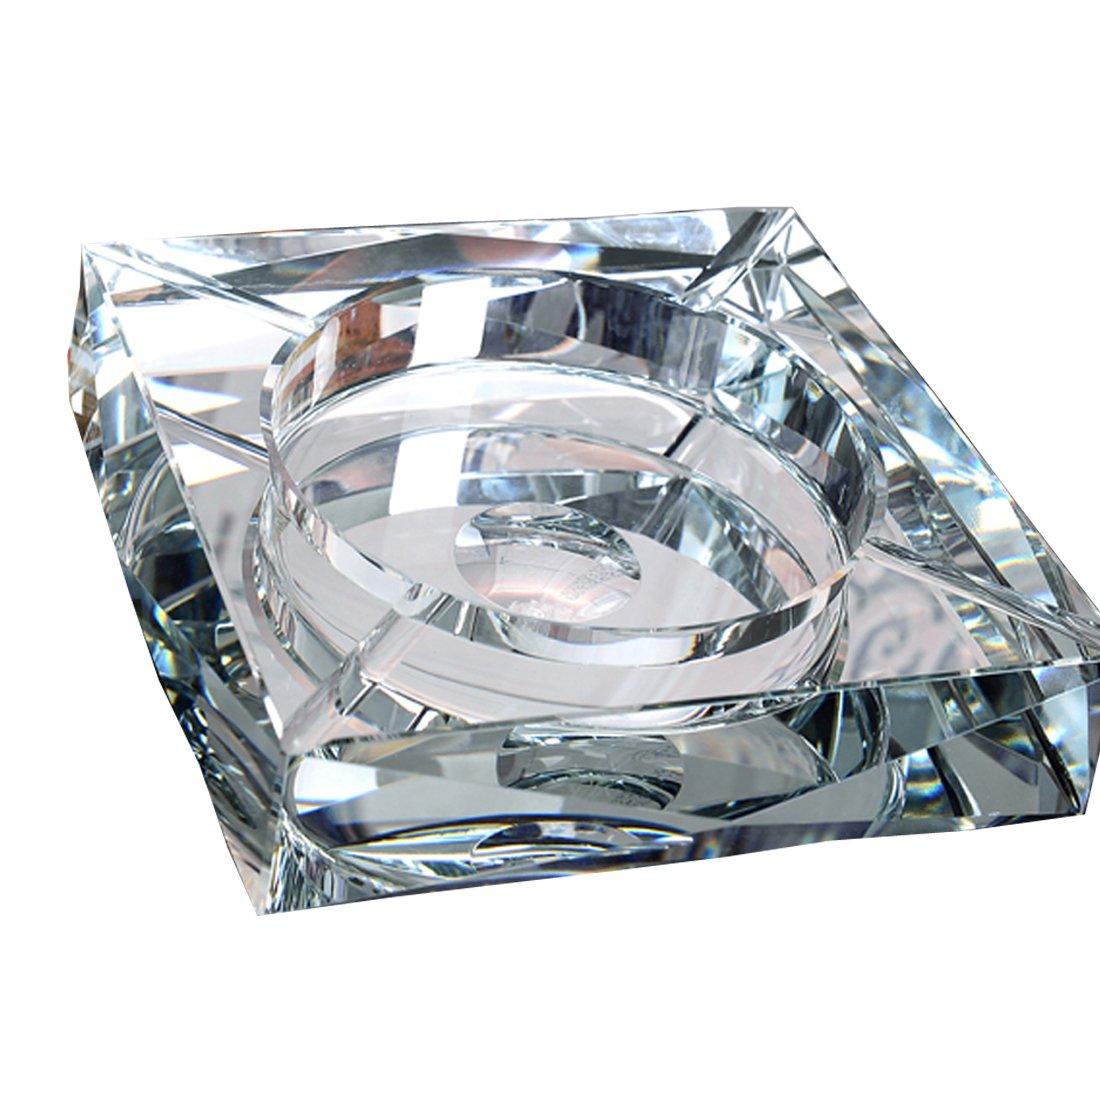 灰皿 クリスタル ガラス スクエア 高級 アッシュトレイ おしゃれ灰皿 シルバー 18cm OSONA B01HI2WJCO 18cm|シルバー シルバー 18cm